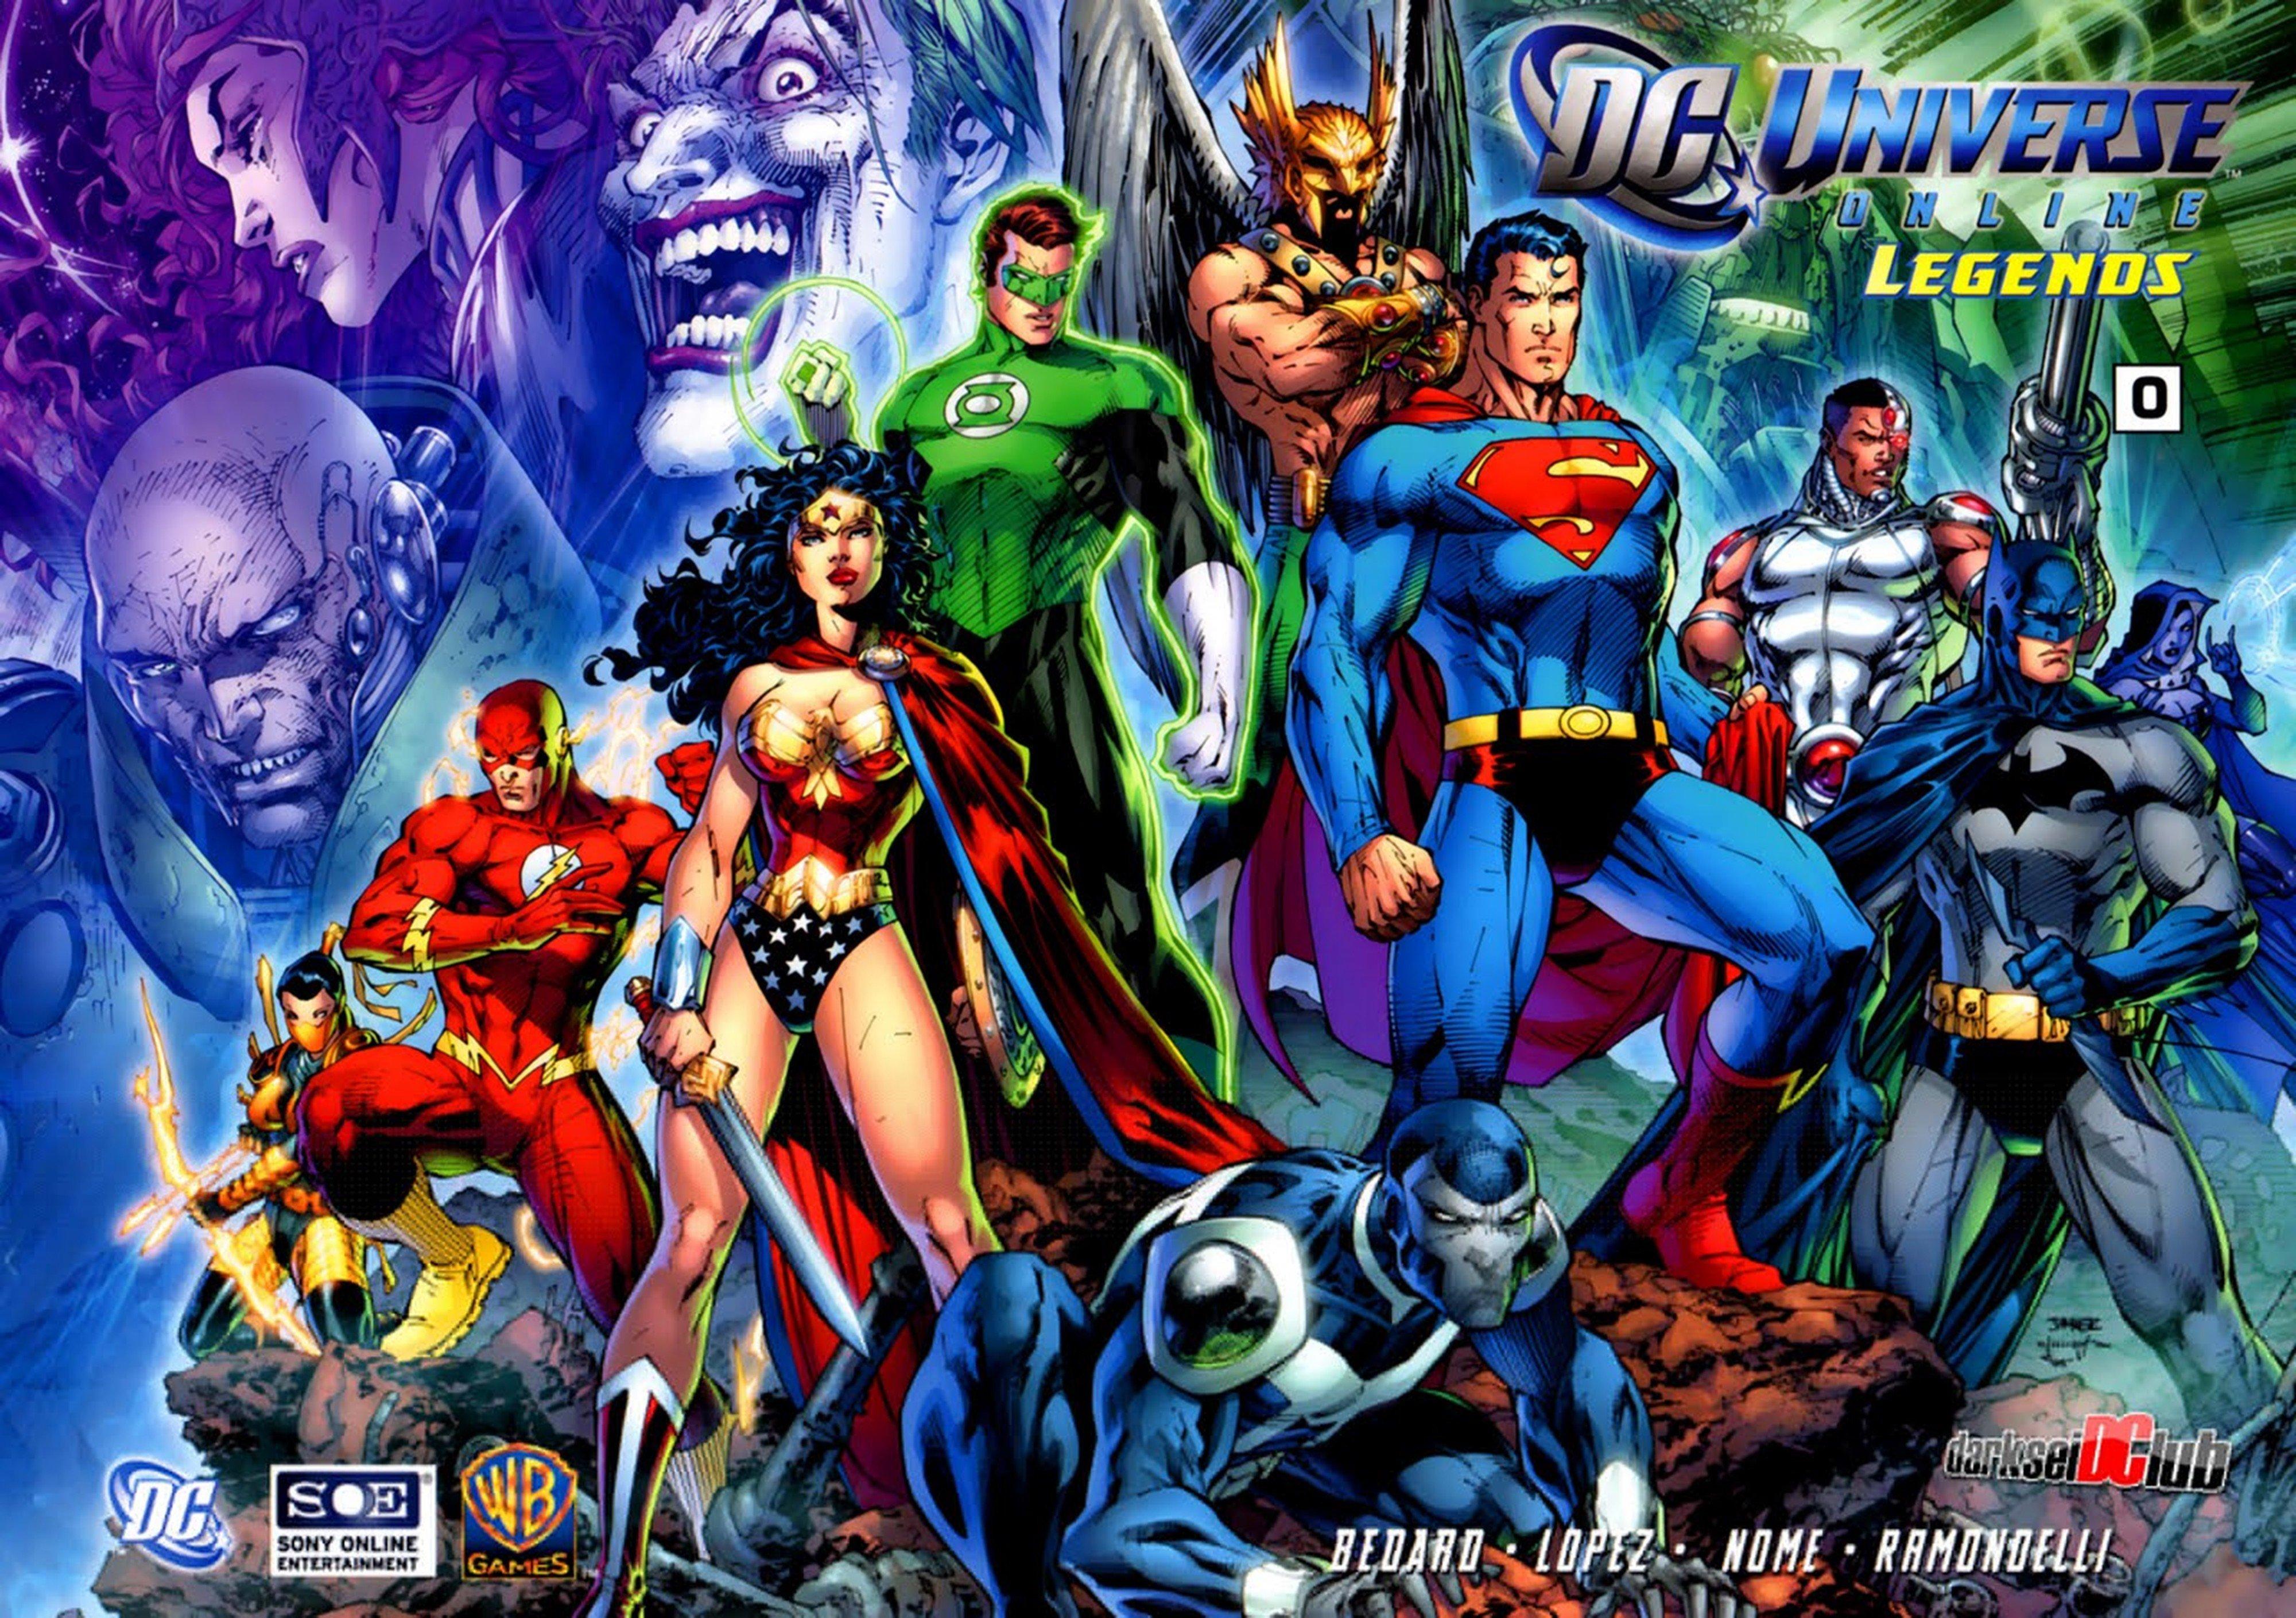 Dc comics justice league superheroes comics wallpaper 4000x2818 345384 wallpaperup - Dc characters wallpaper hd ...